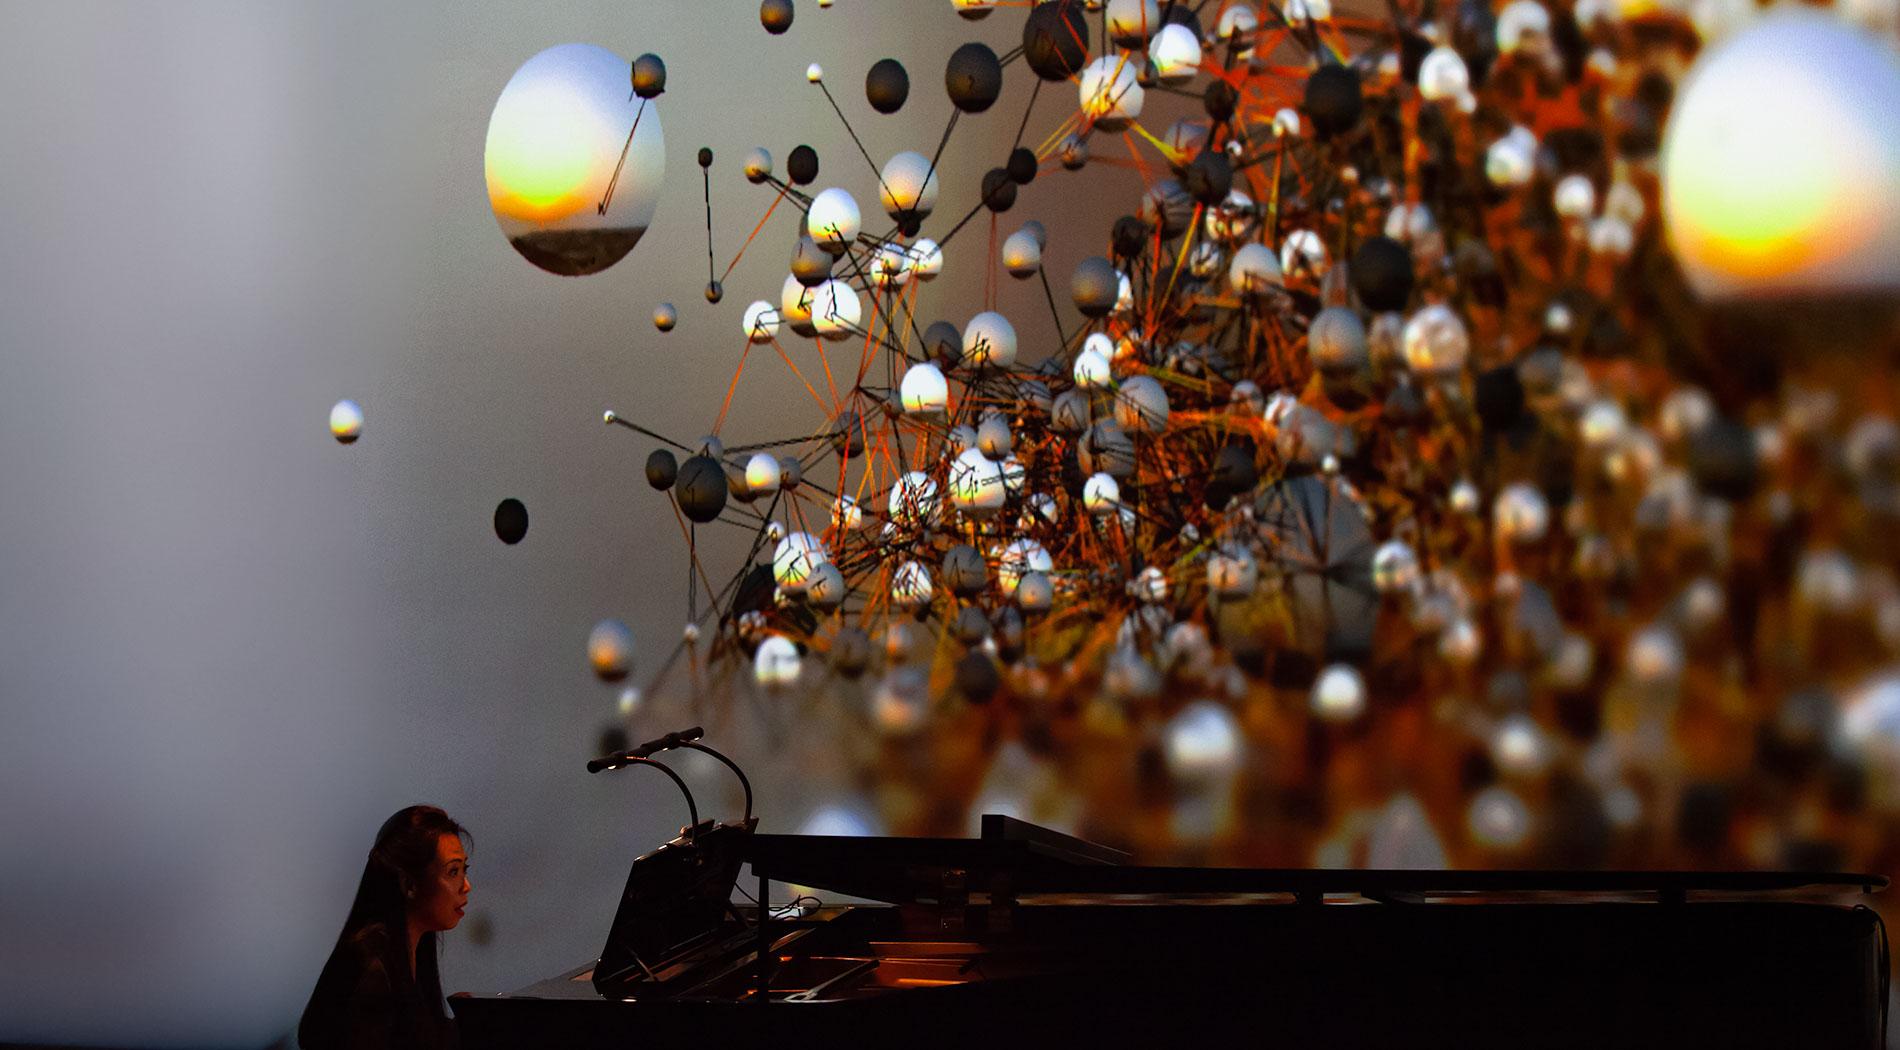 Premiere of Philip Glass Piano Sonata at ars electronica Festival 2019